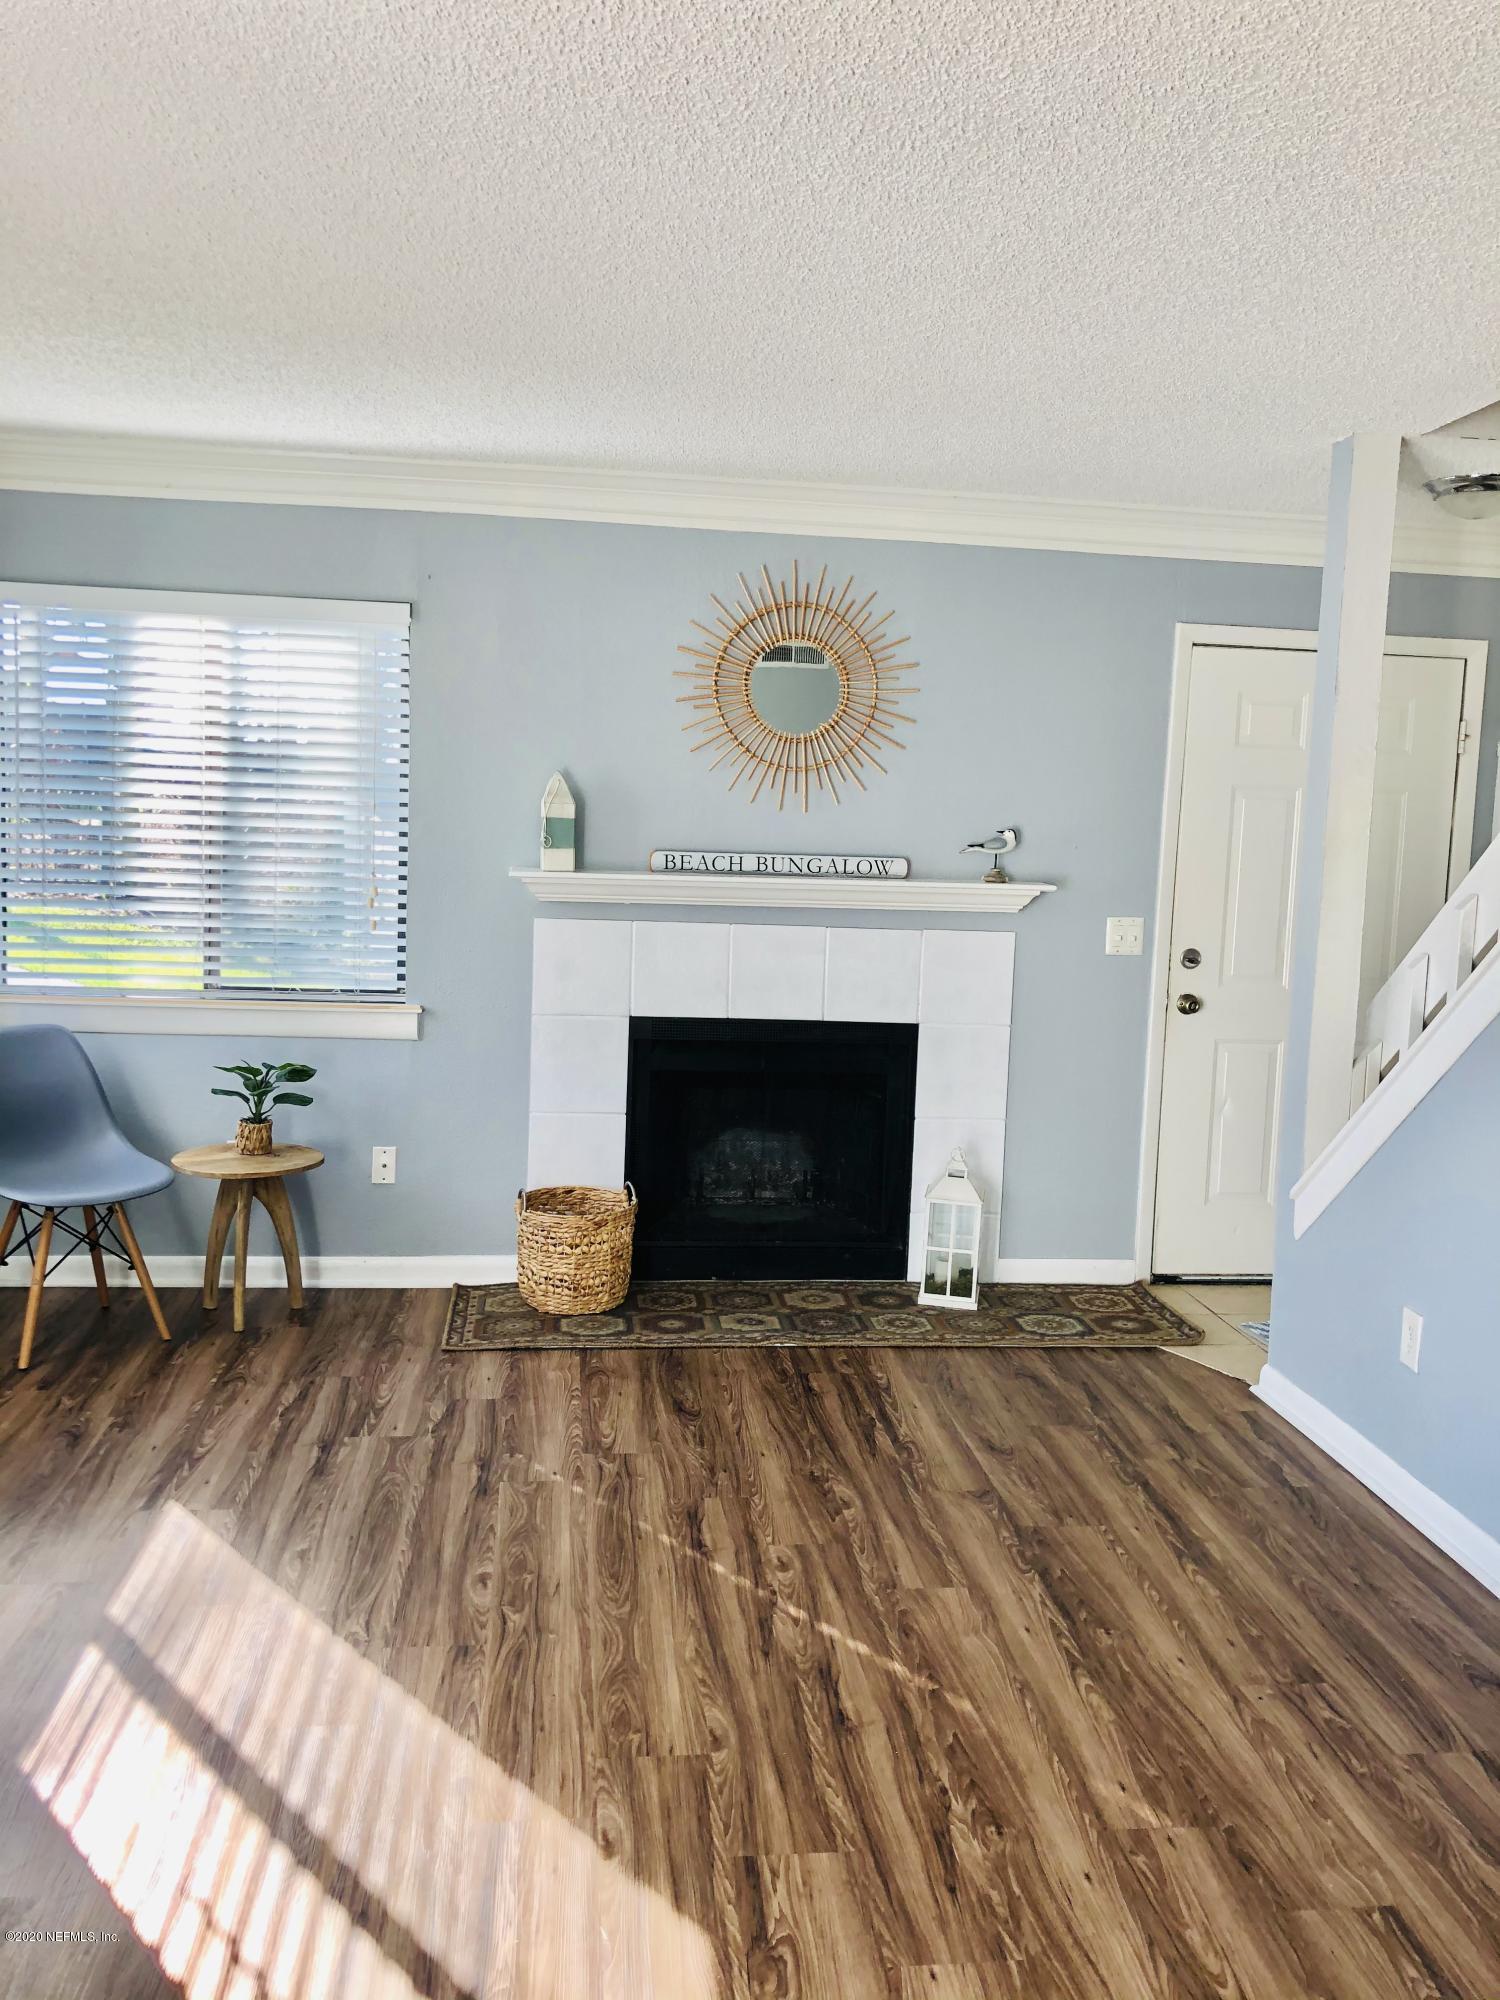 100 FAIRWAY PARK, PONTE VEDRA BEACH, FLORIDA 32082, 1 Bedroom Bedrooms, ,1 BathroomBathrooms,Rental,For Rent,FAIRWAY PARK,1081382